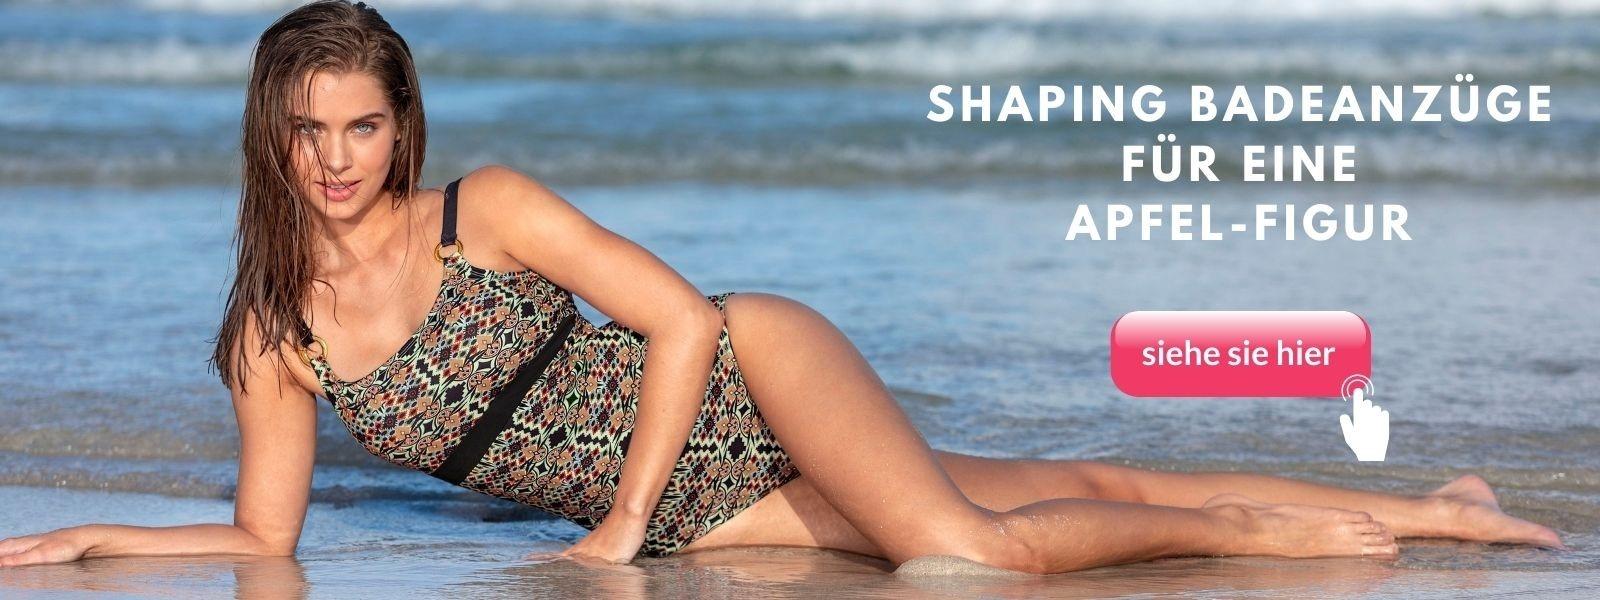 shape badeanzug apfle figur